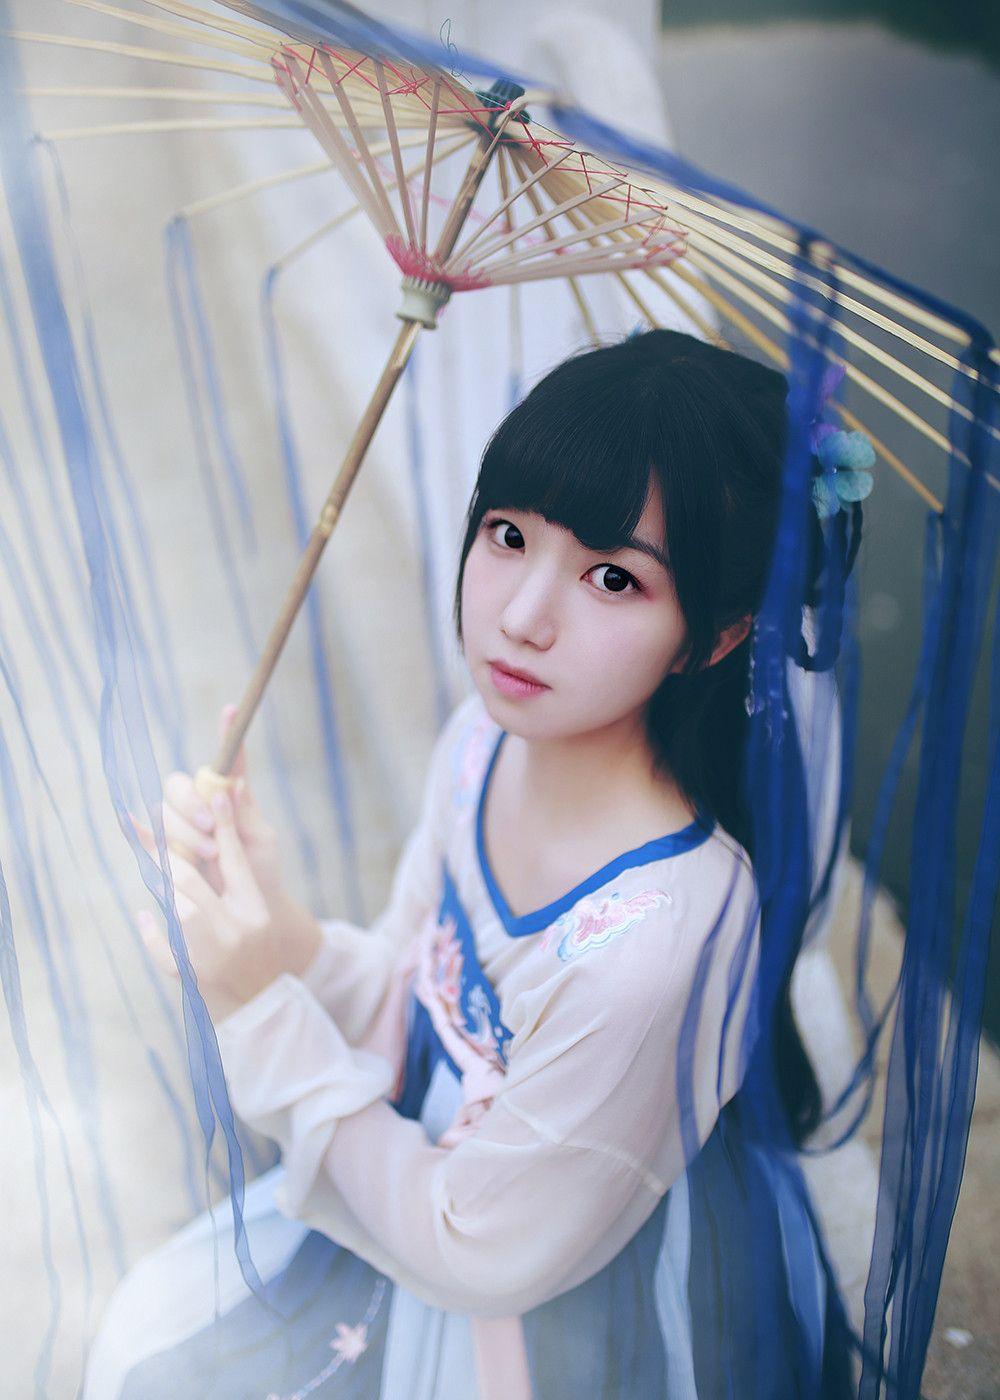 人像摄影:撑着古代伞的古装女子